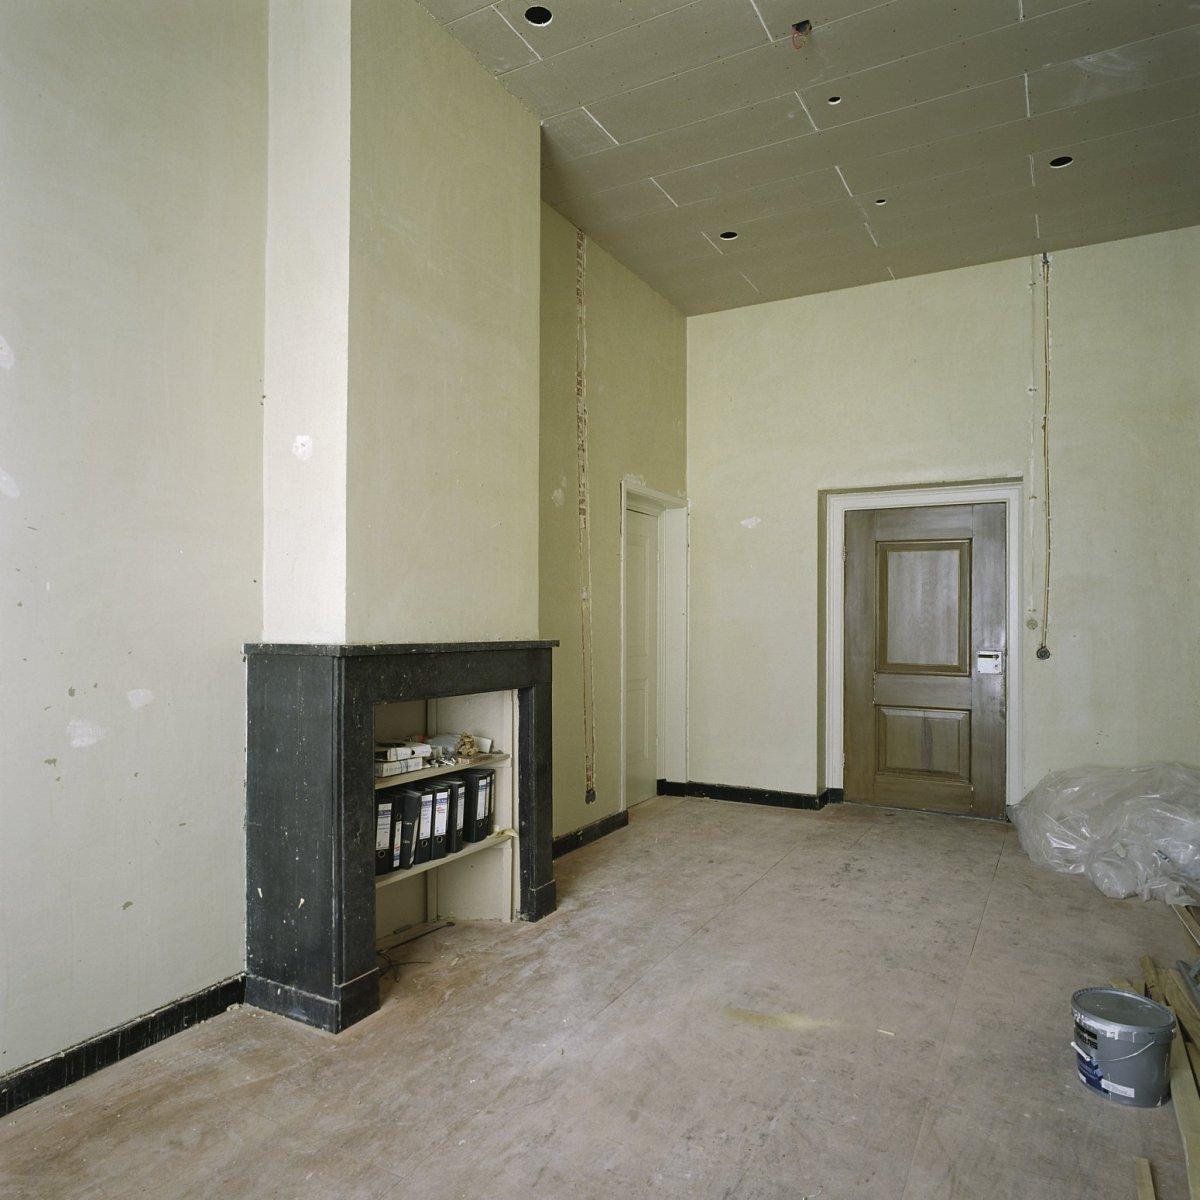 File interieur kelder kamer k 213 tijdens werkzaamheden for Kamer interieur